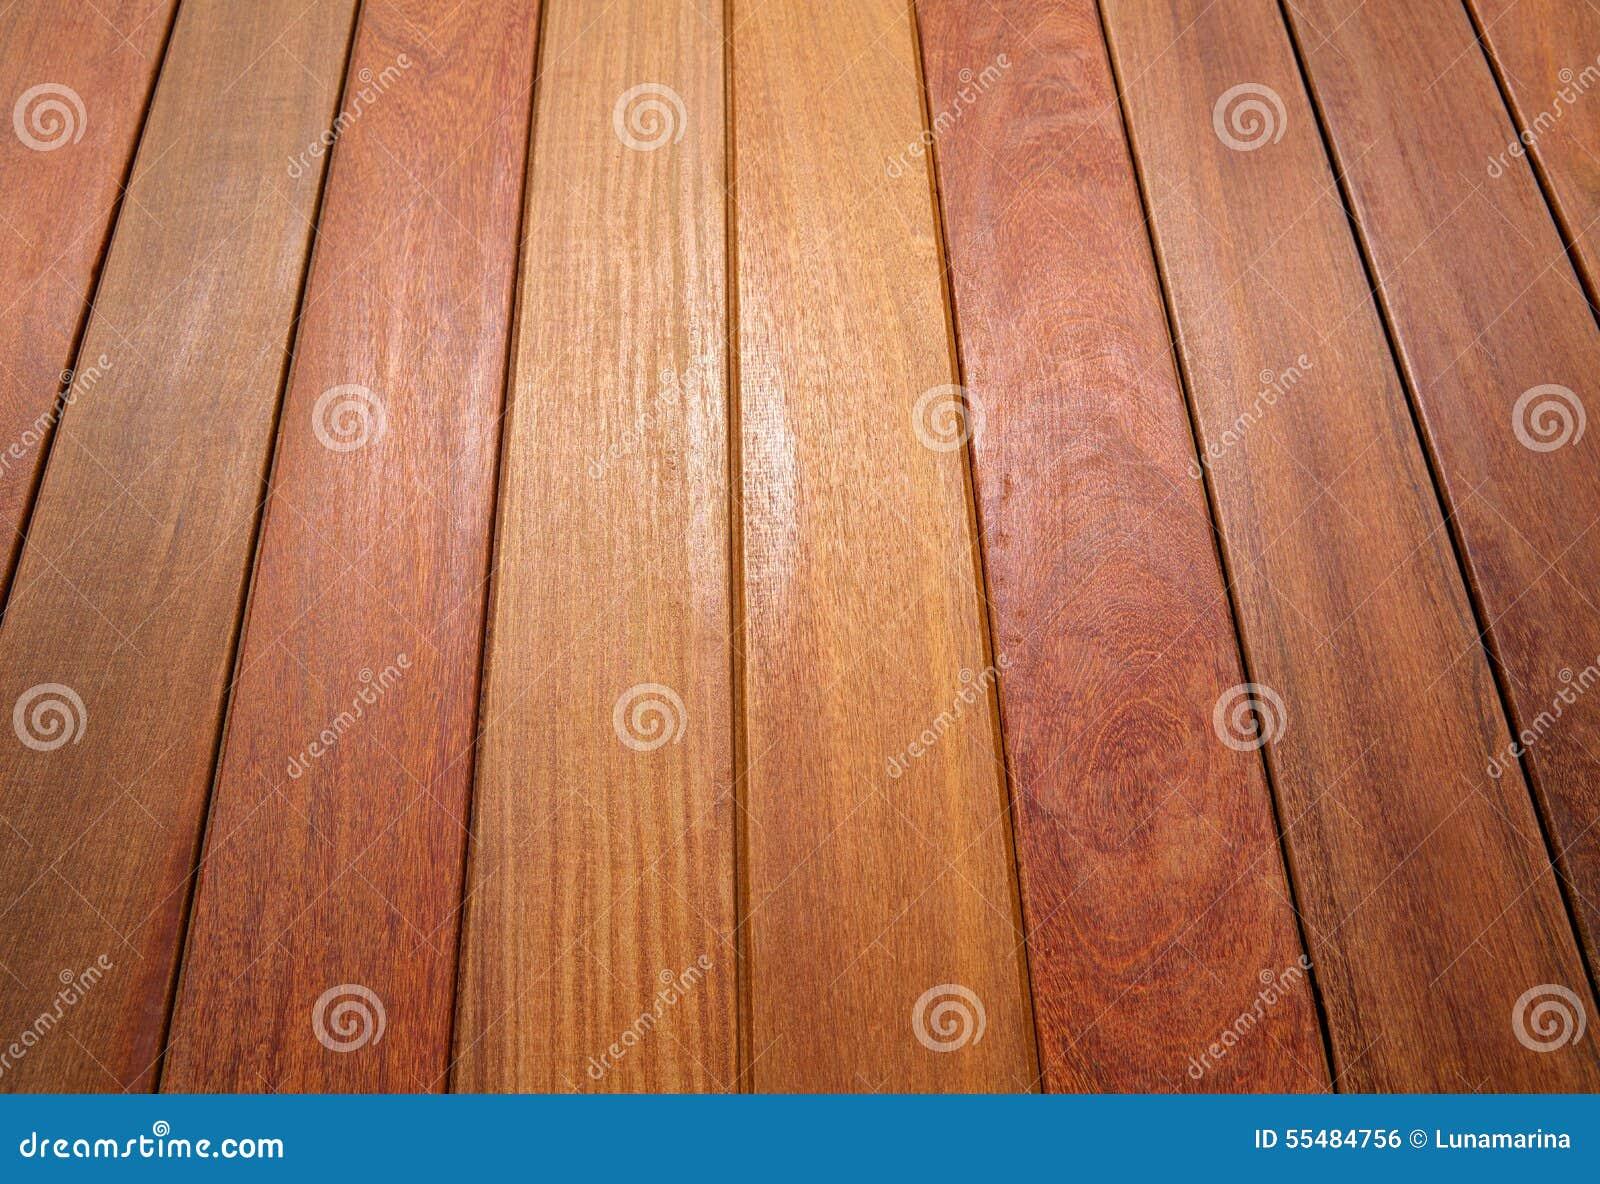 Ipe teak wood decking deck pattern tropical wood